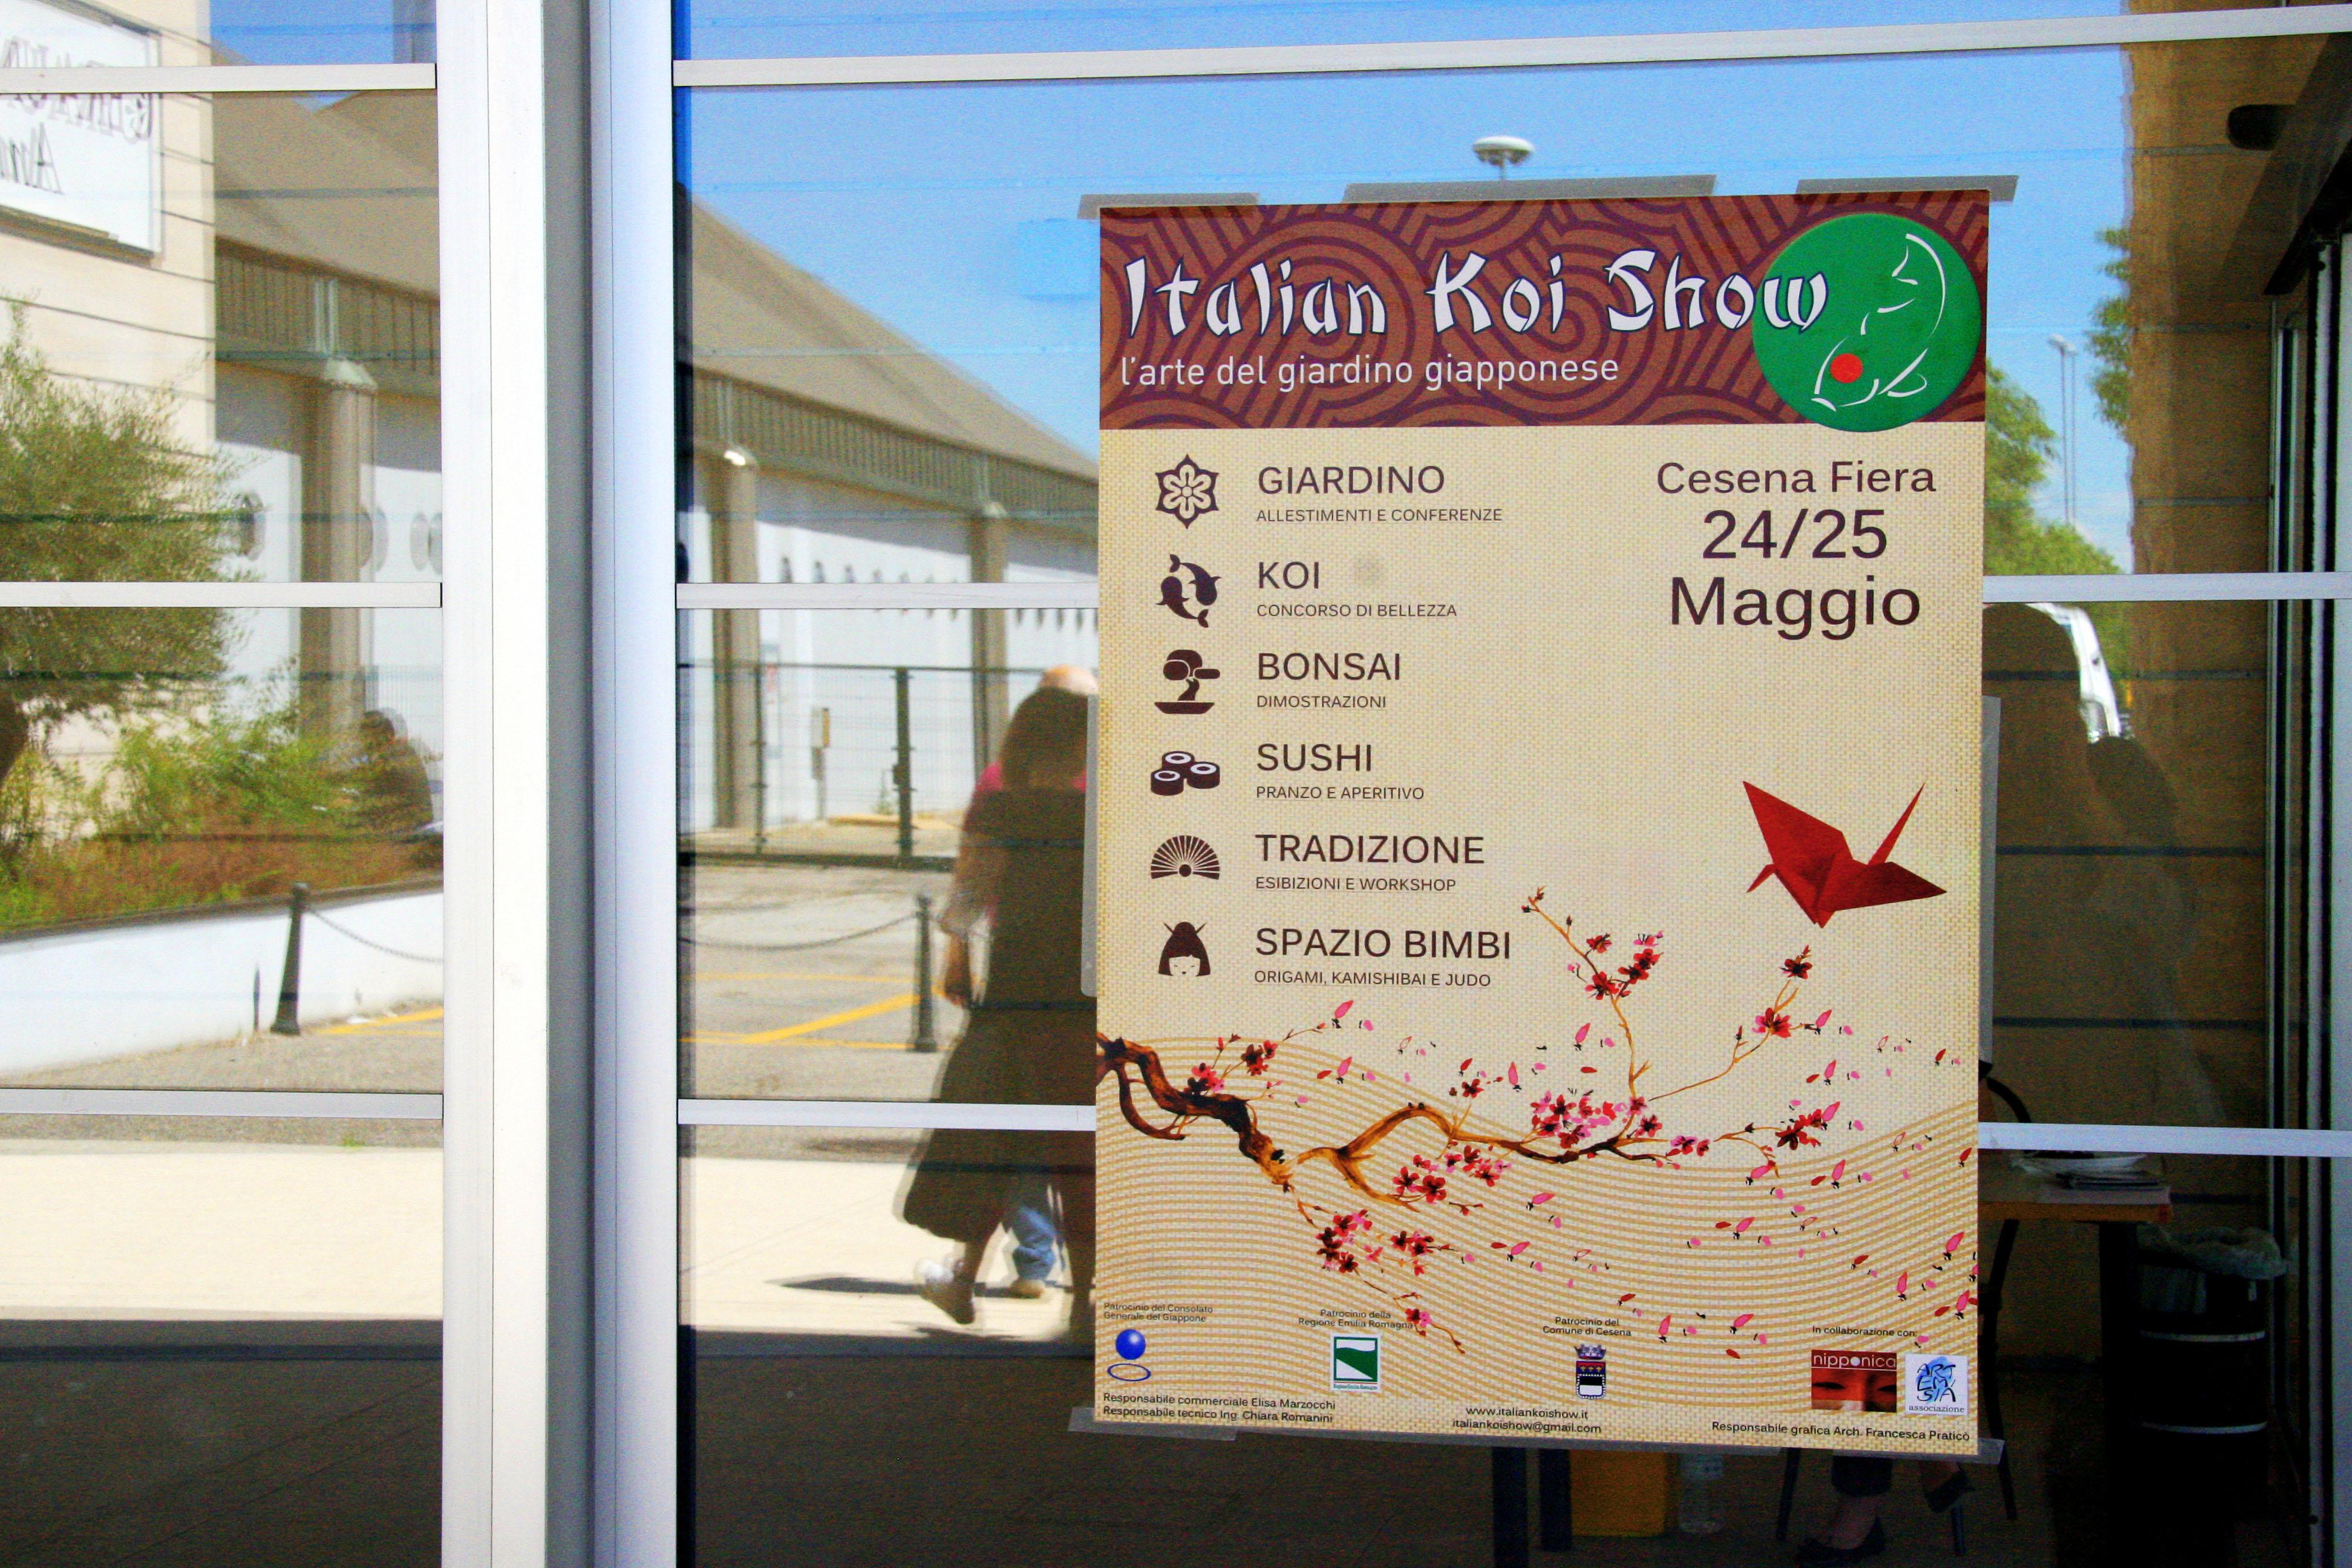 koi show 2014 (32)